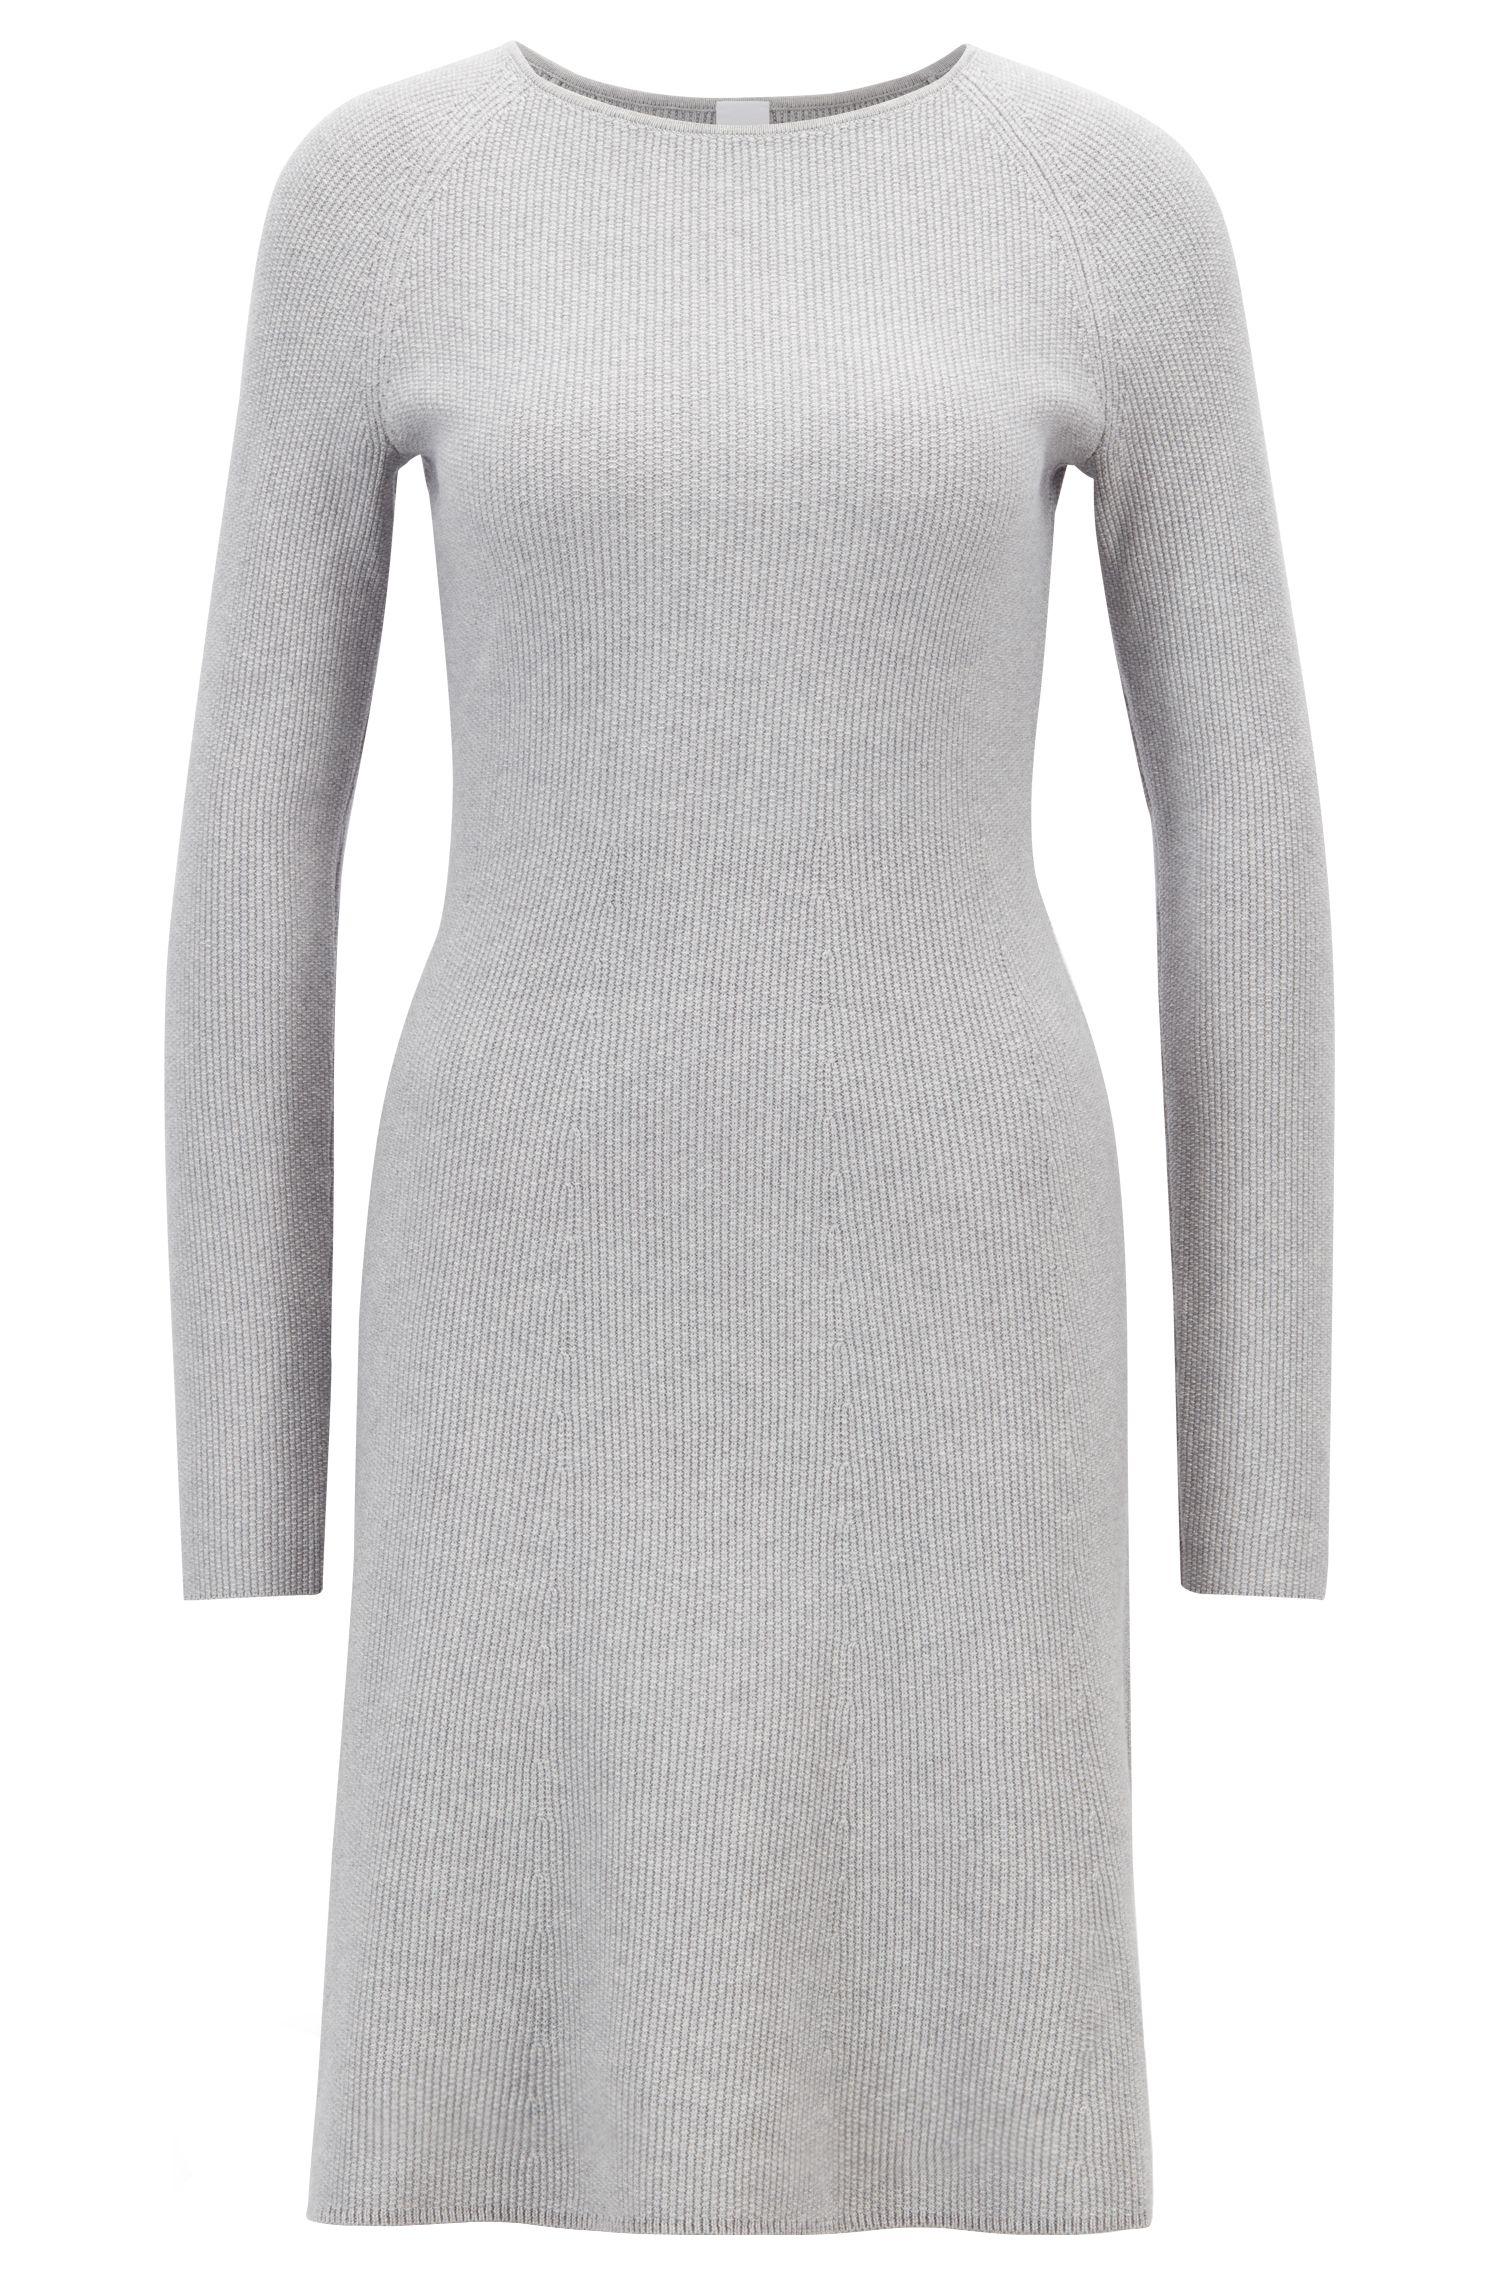 Robe en maille de coton mélangé, avec manches raglan, Argent